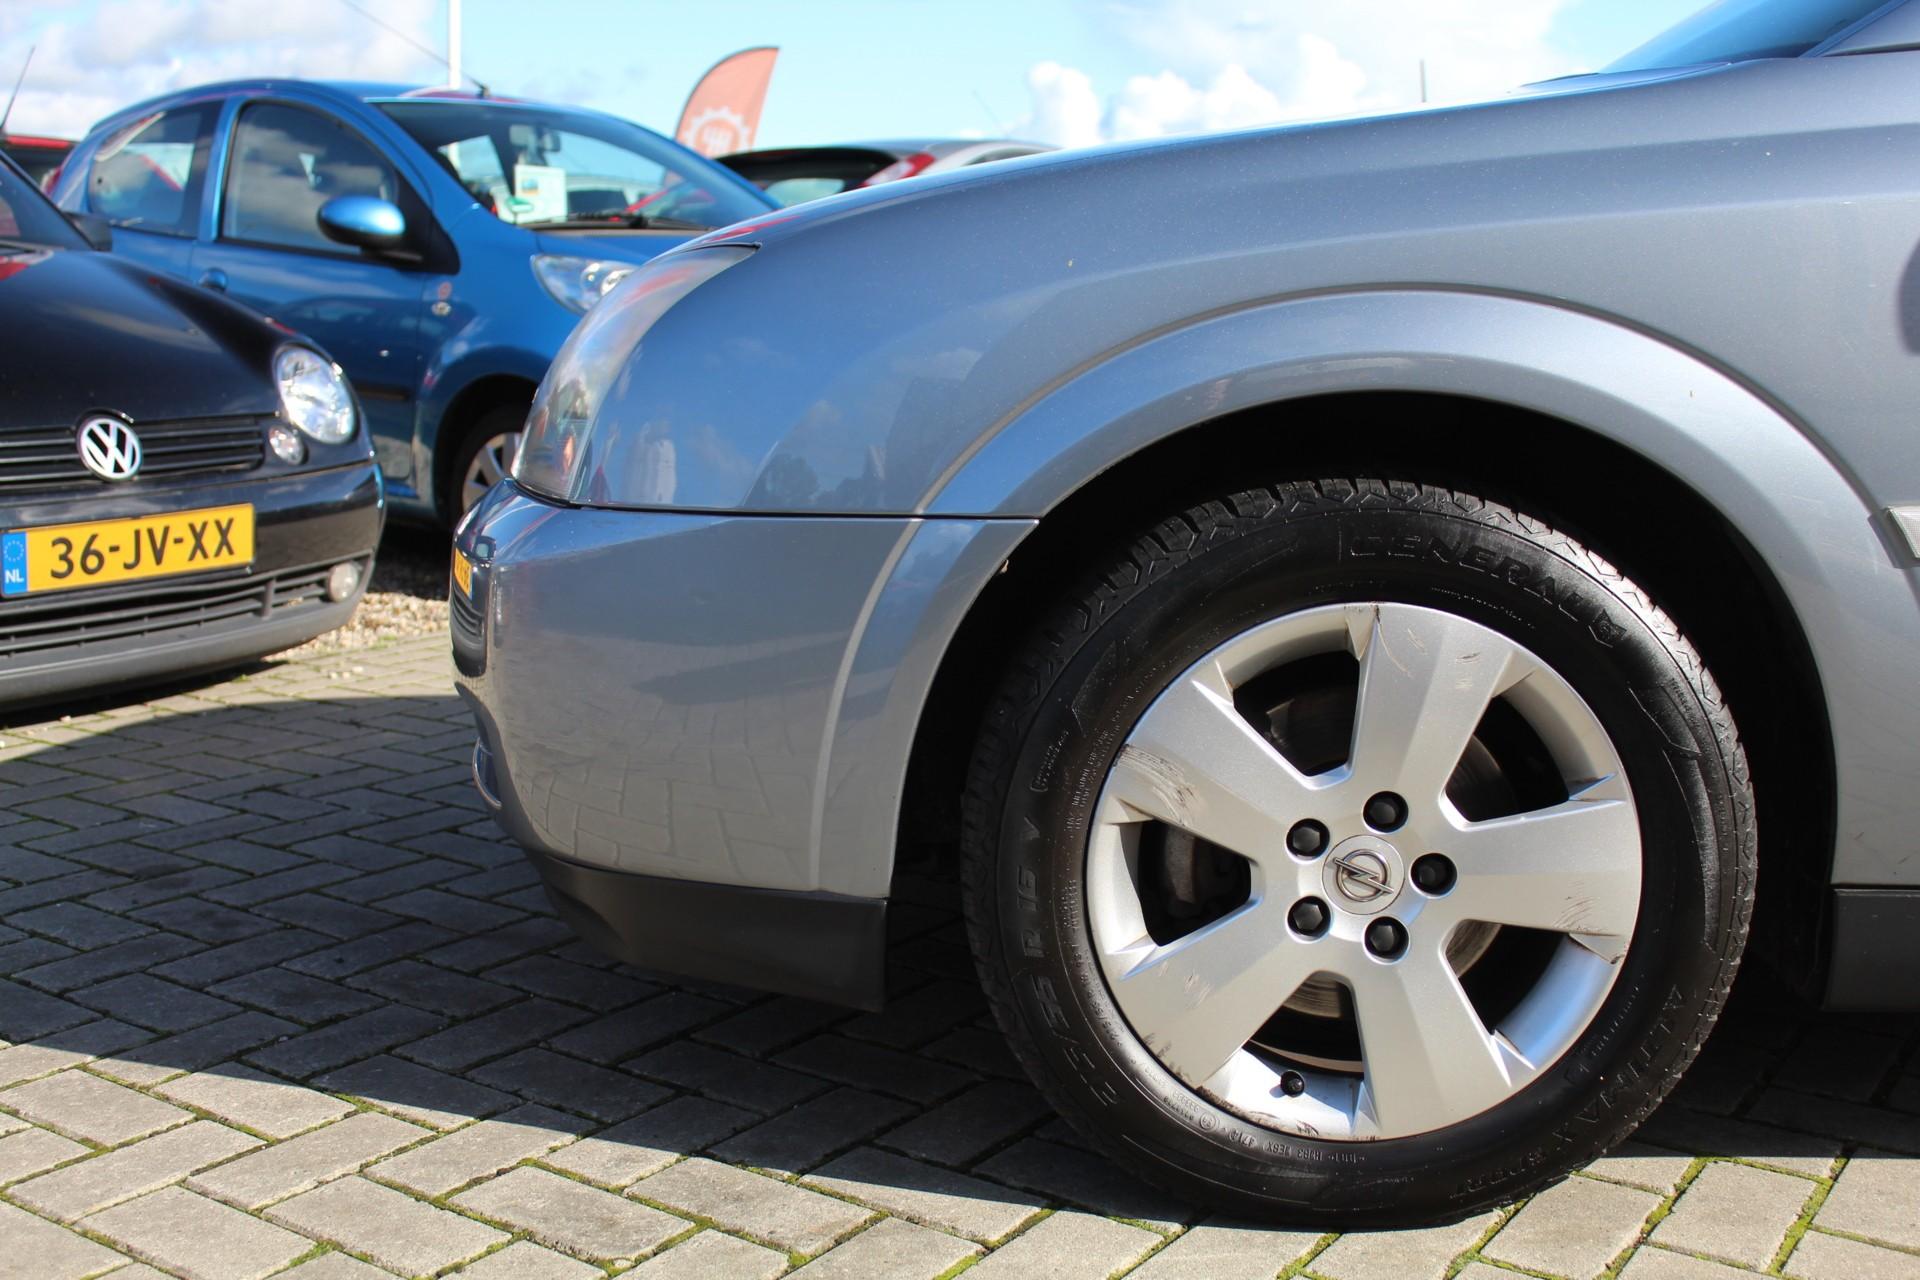 Caroutlet Groningen - Opel Vectra 1.8-16V Comfort   NW APK   AIRCO   TREKHK